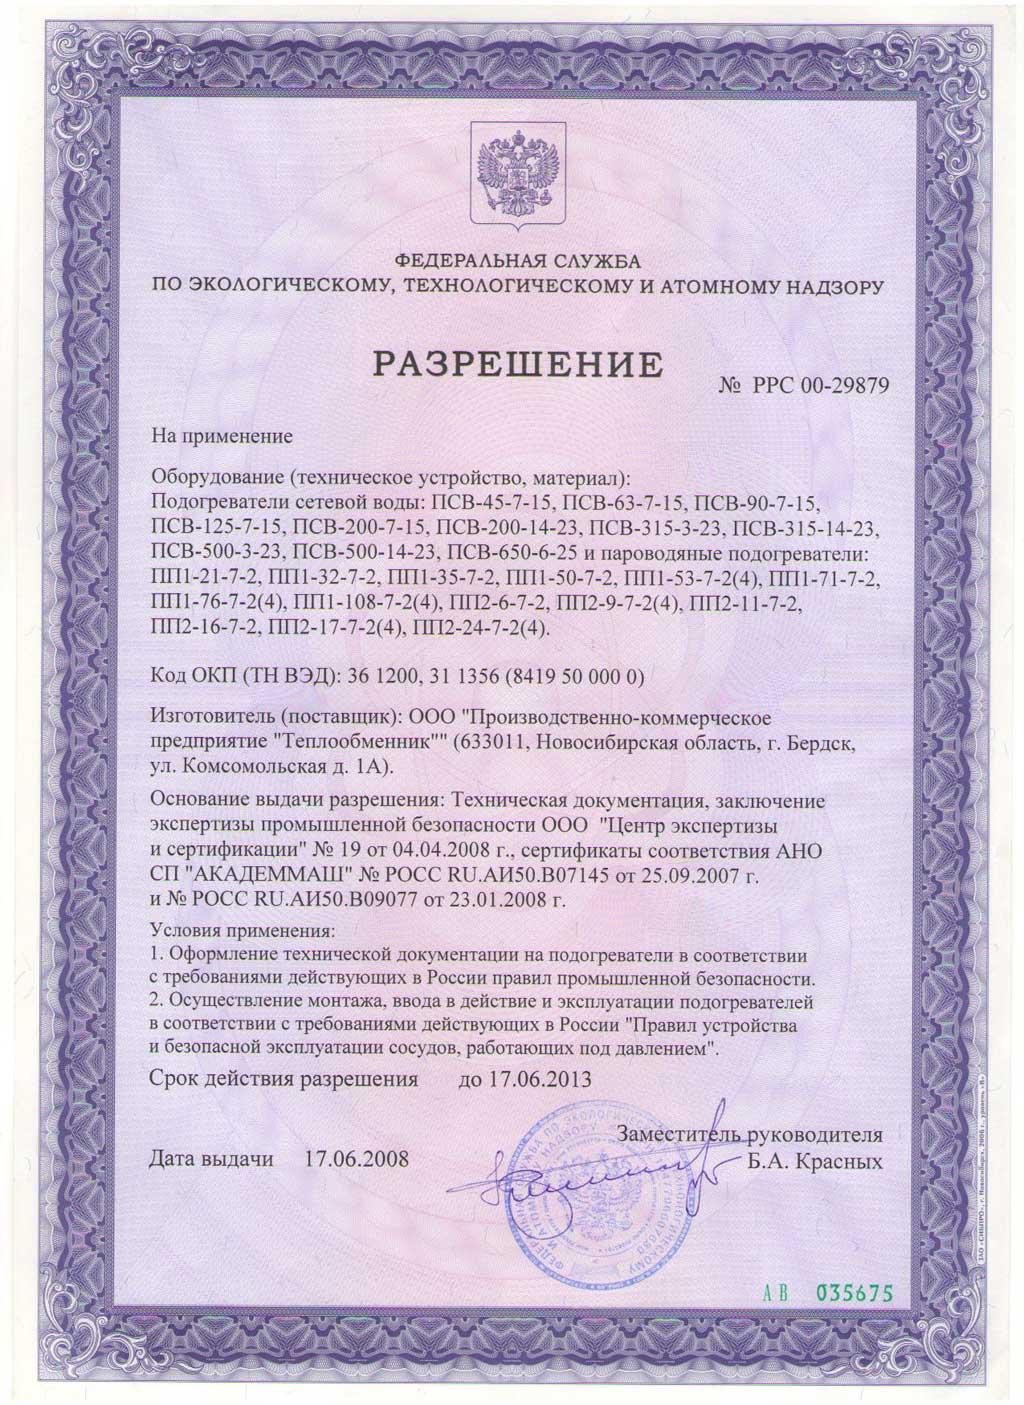 Разрешение на применение теплообменники Пластинчатый теплообменник HISAKA EX-11 Балашиха